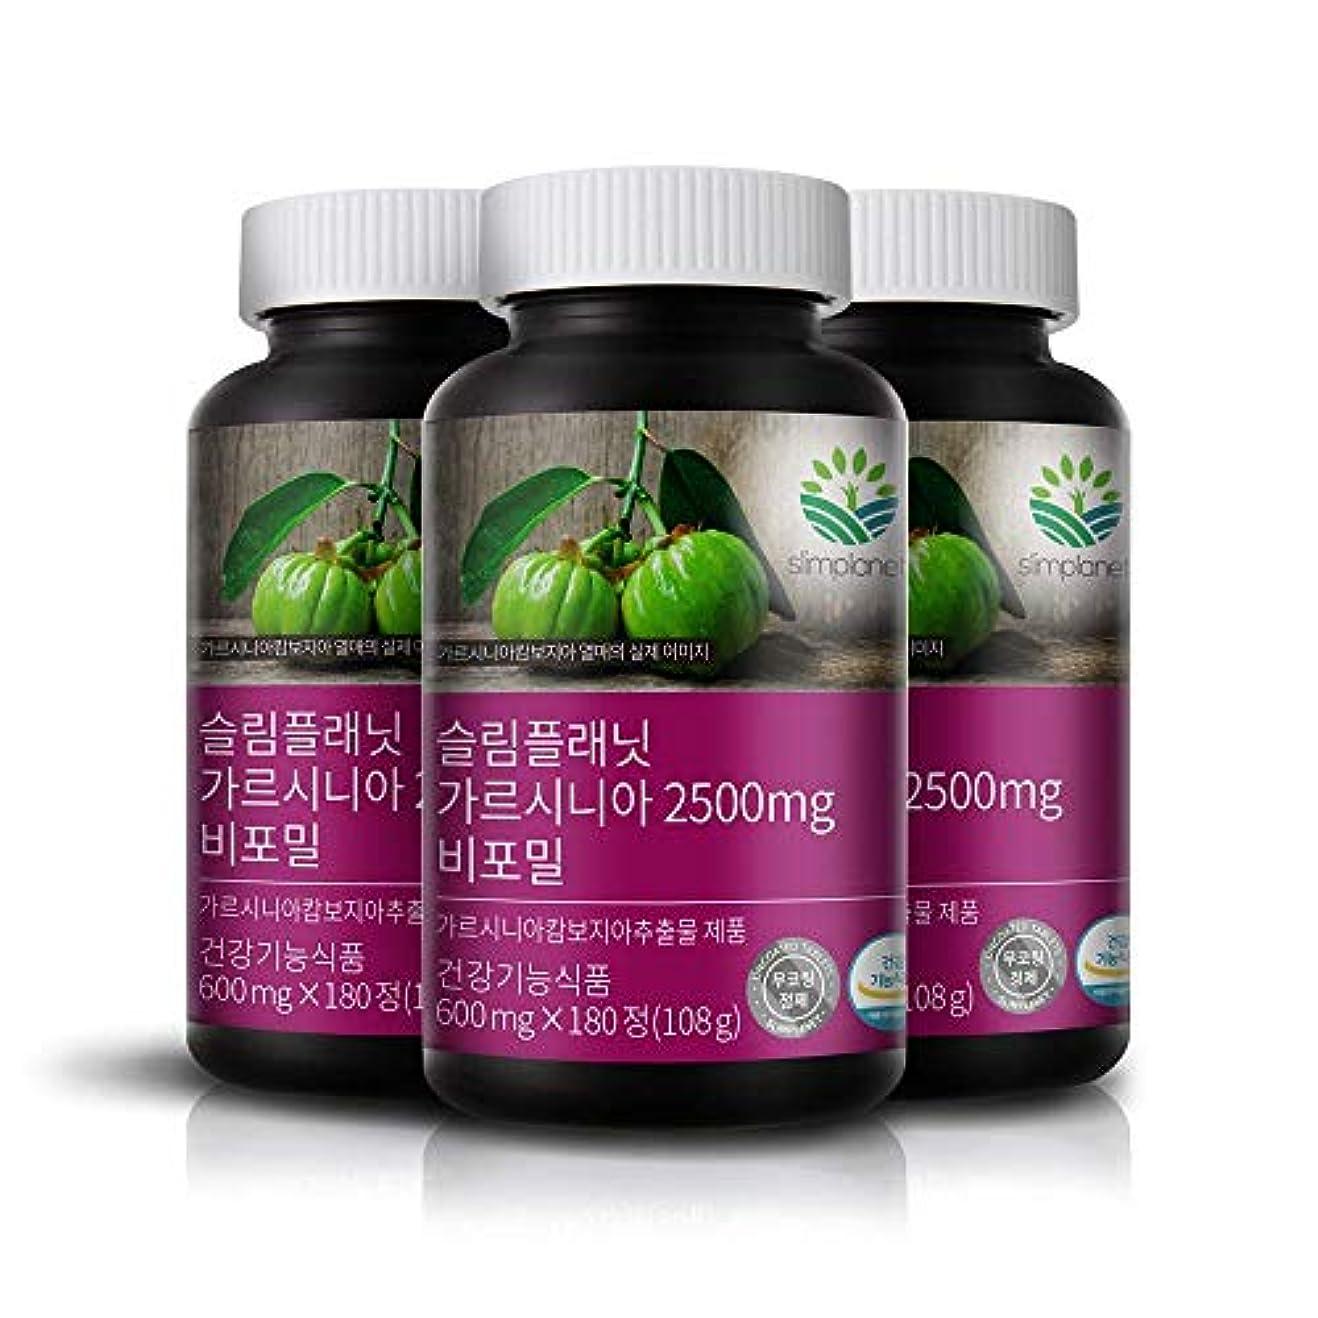 [SLIMPLANET]リニューアル食前 ガルシニア2500/韓国ベストセラー/体重減少 / ダイエット